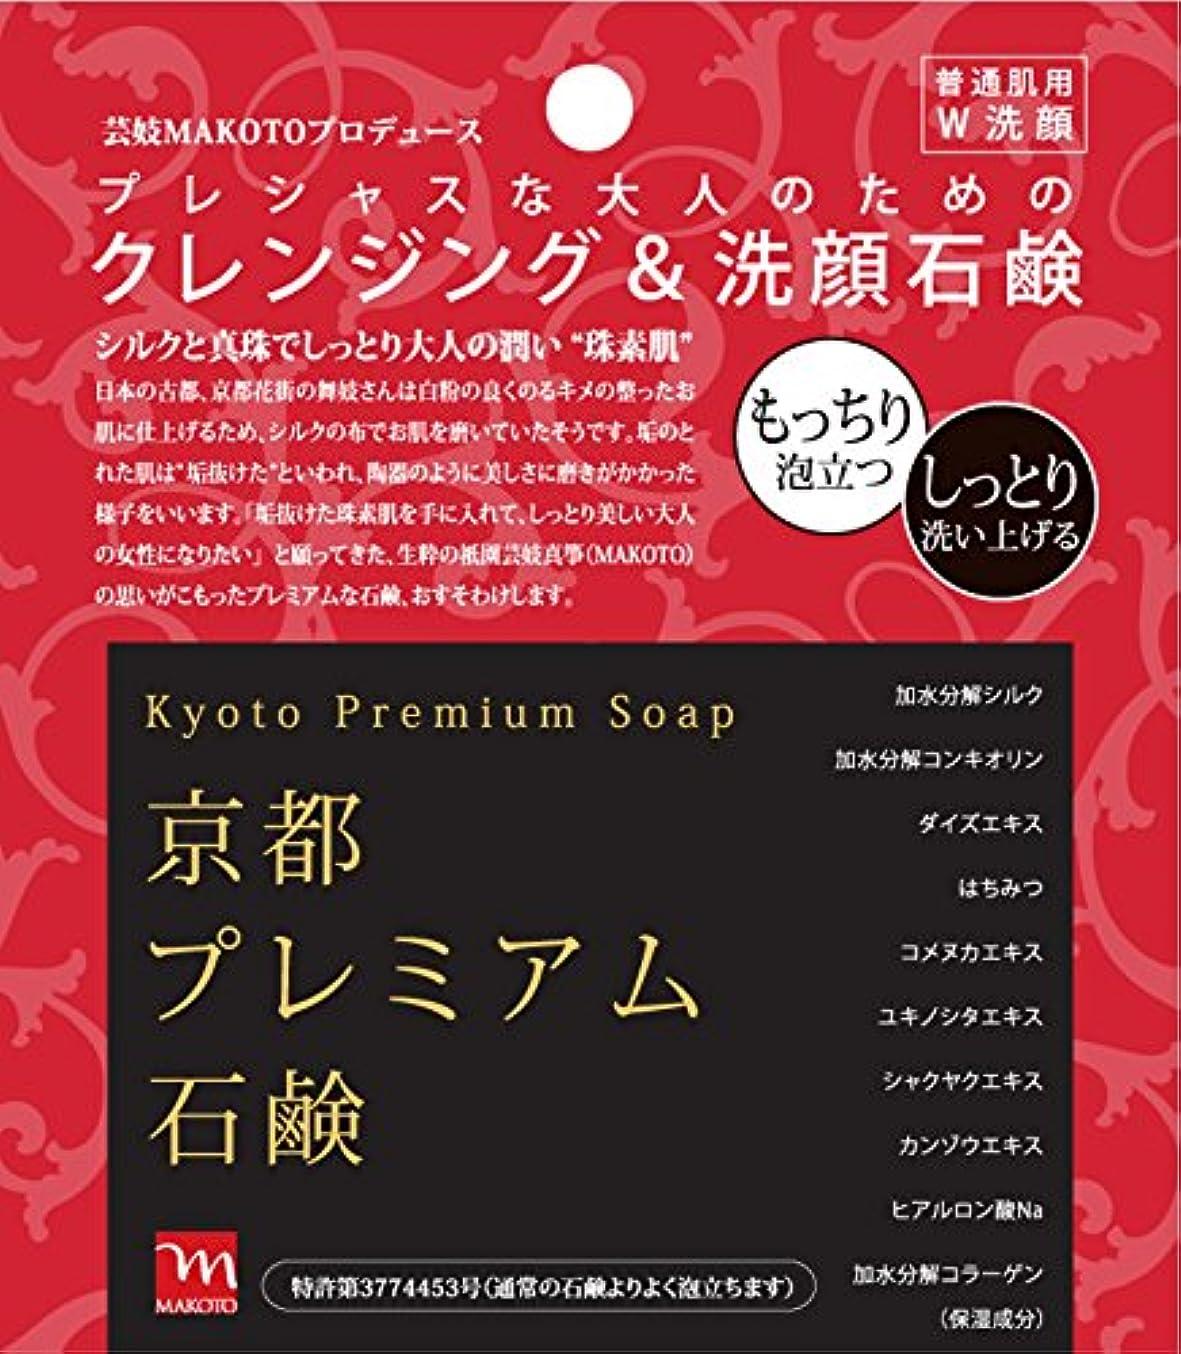 所持正統派気づく京都プレミアム石鹸 クレンジング&洗顔石鹸 しっとり もっちり 芸妓さん監修